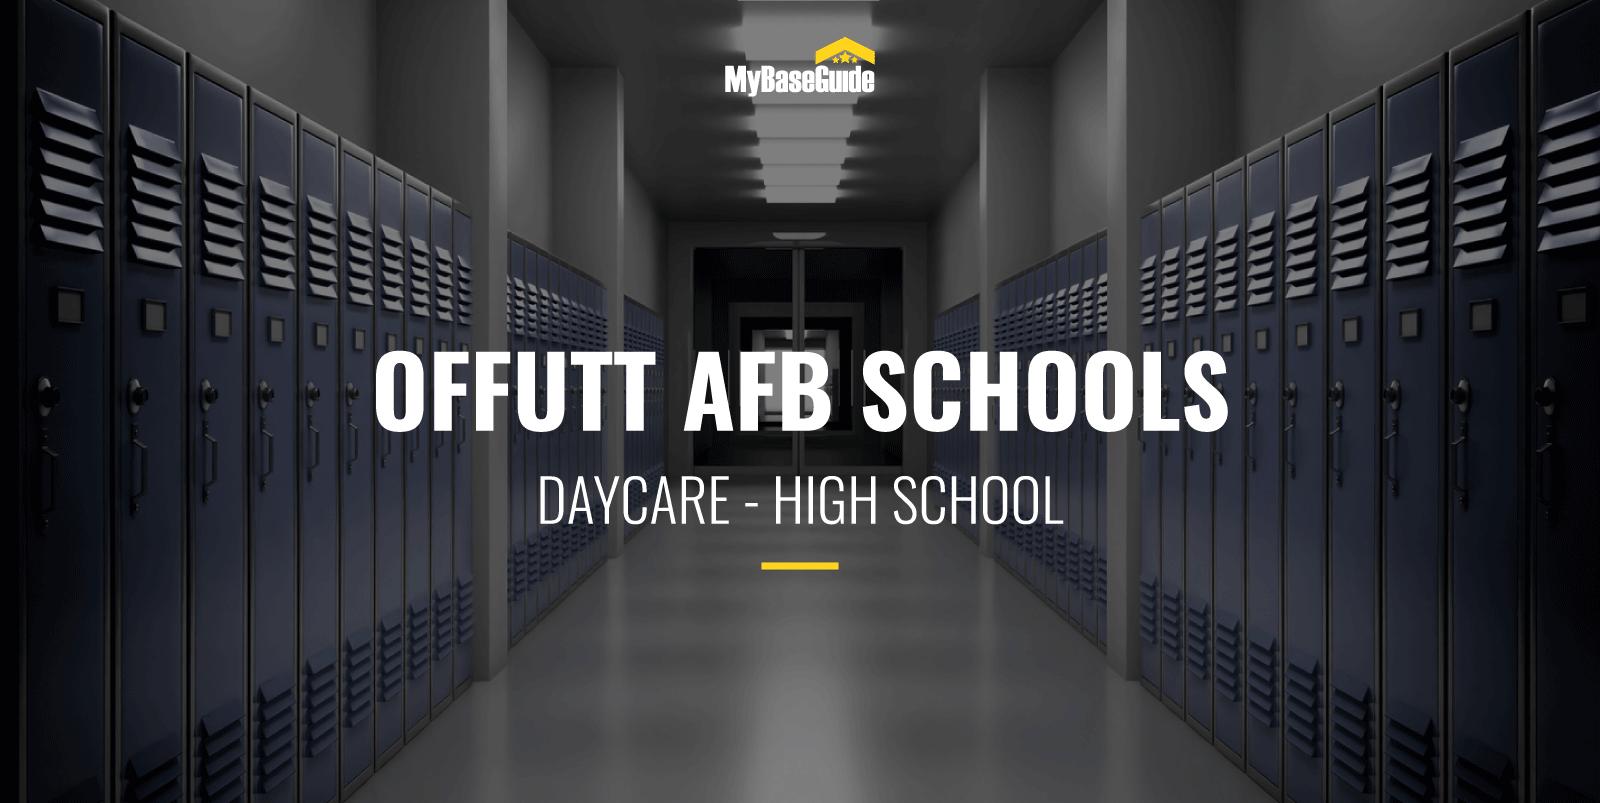 Offutt AFB Schools: Daycare - High School